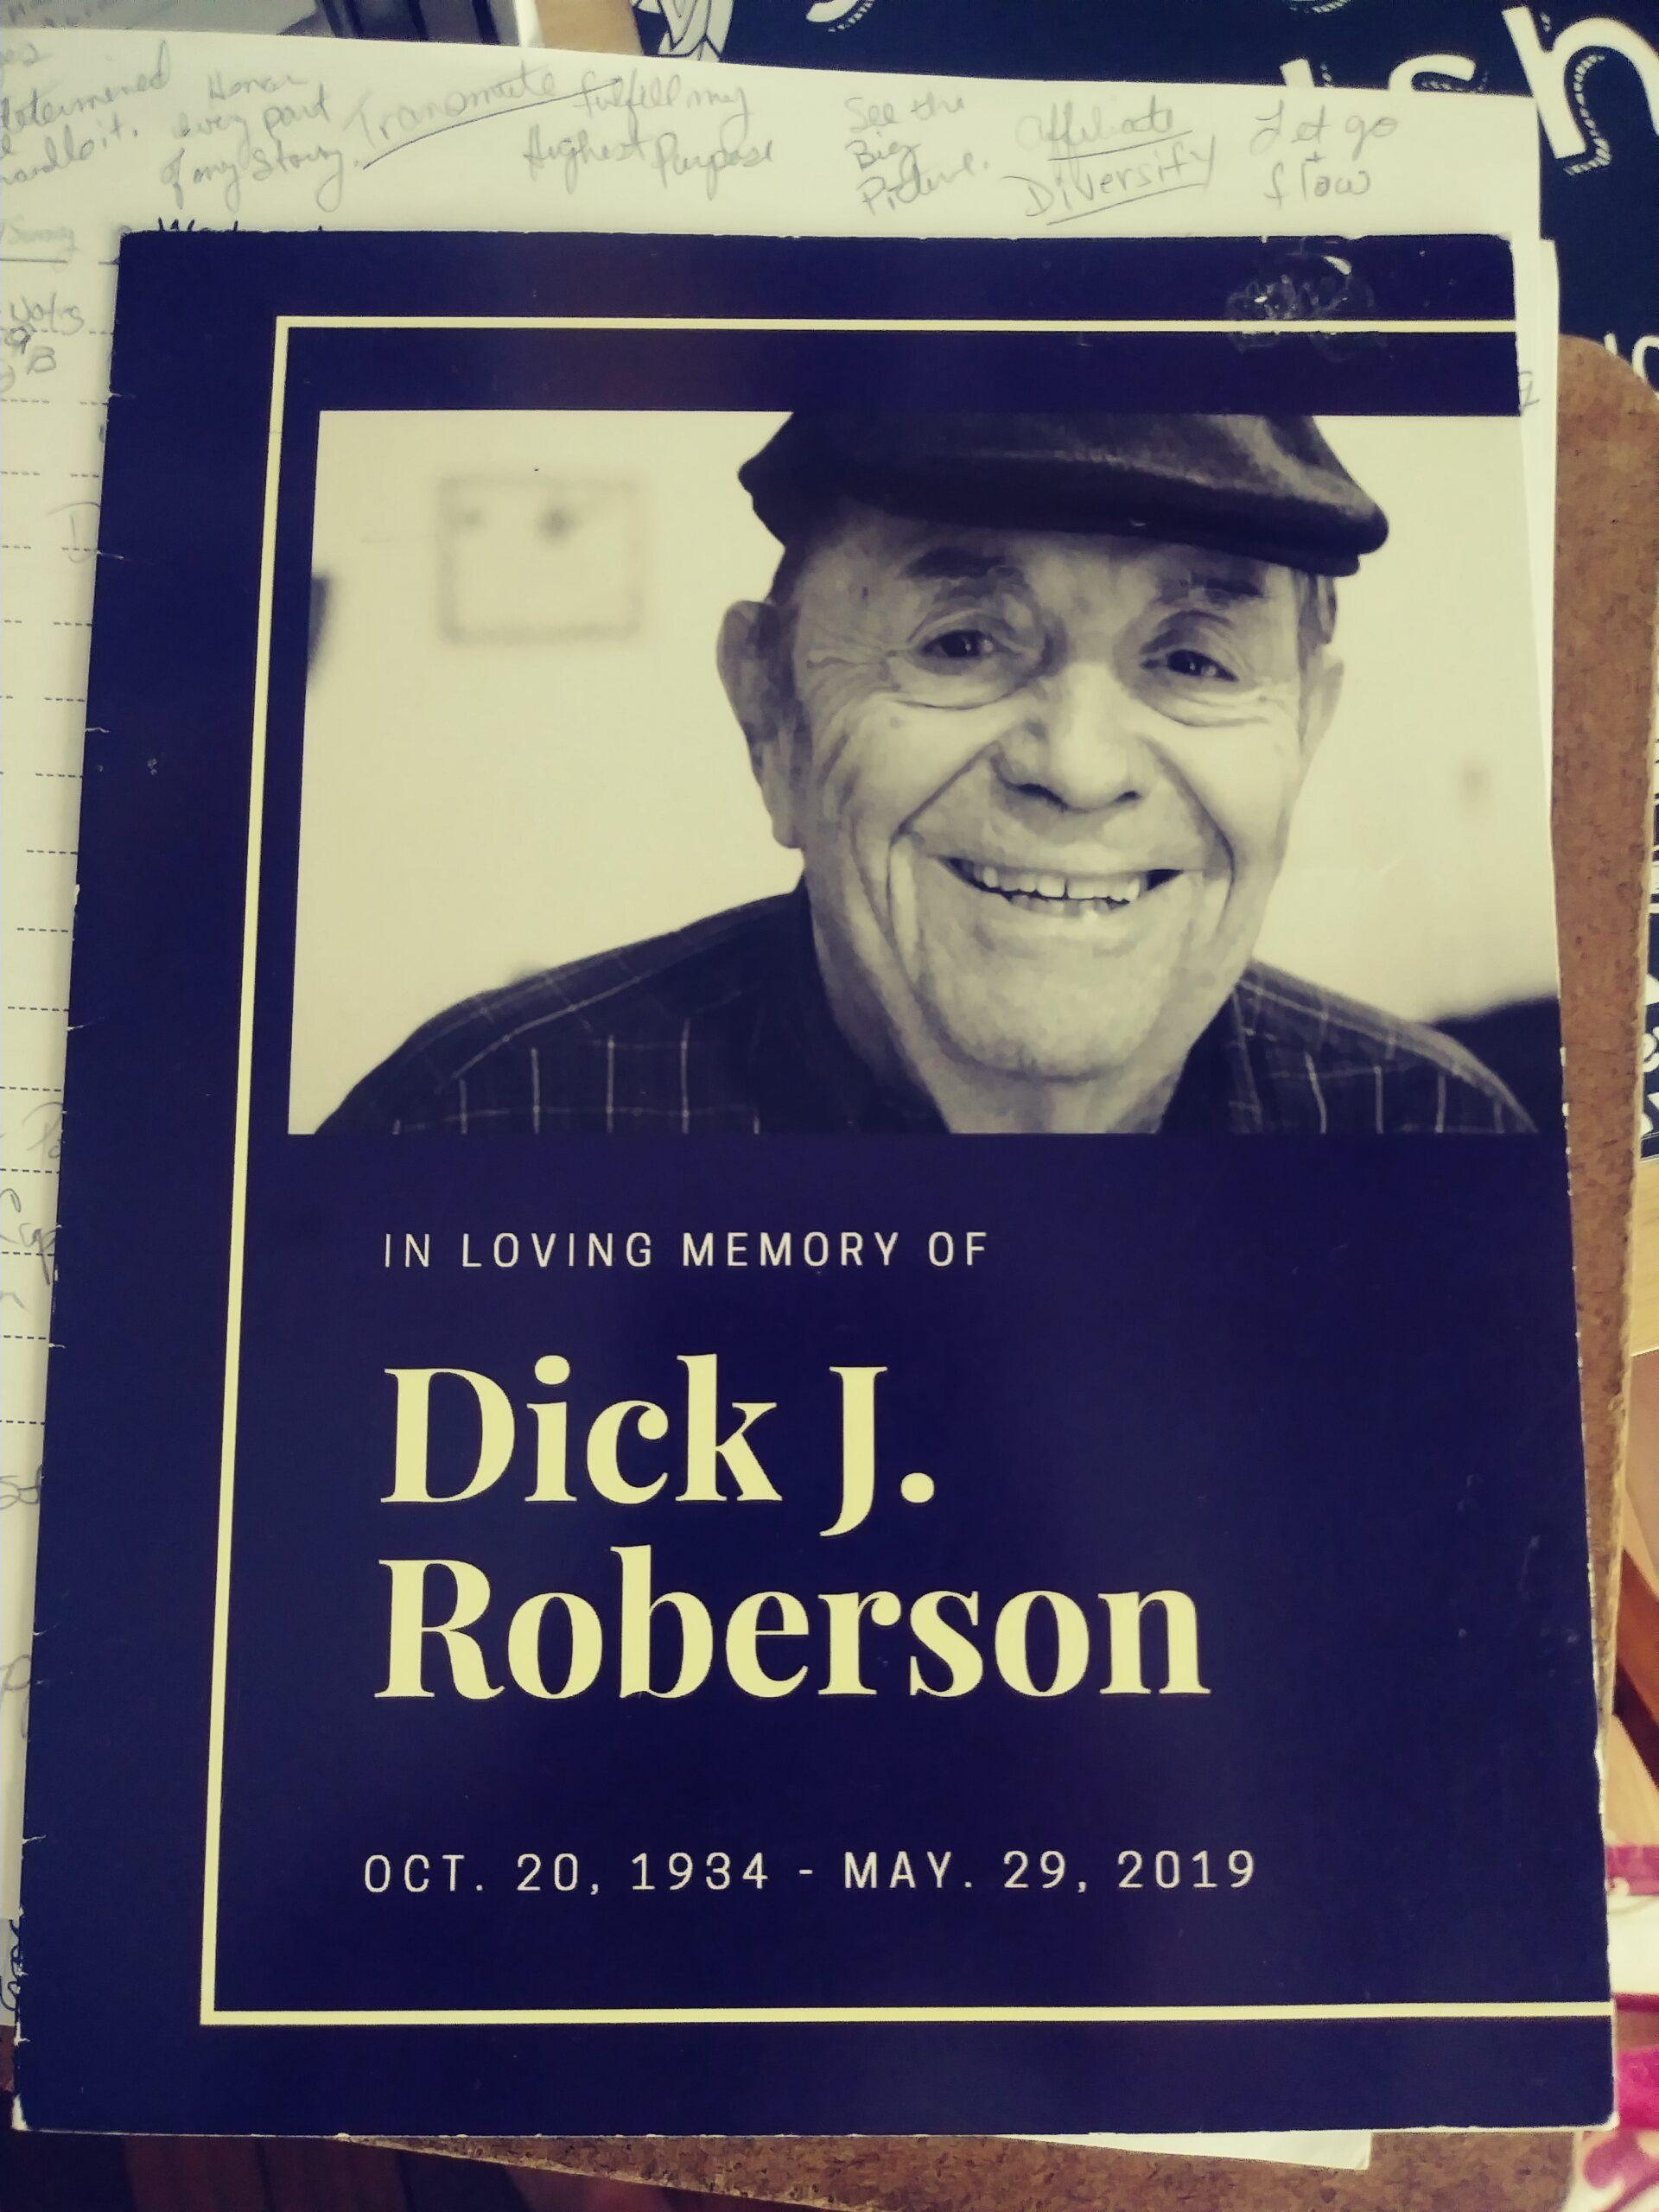 Memorial card for Dickie J. Roberson October 1934 - 2019